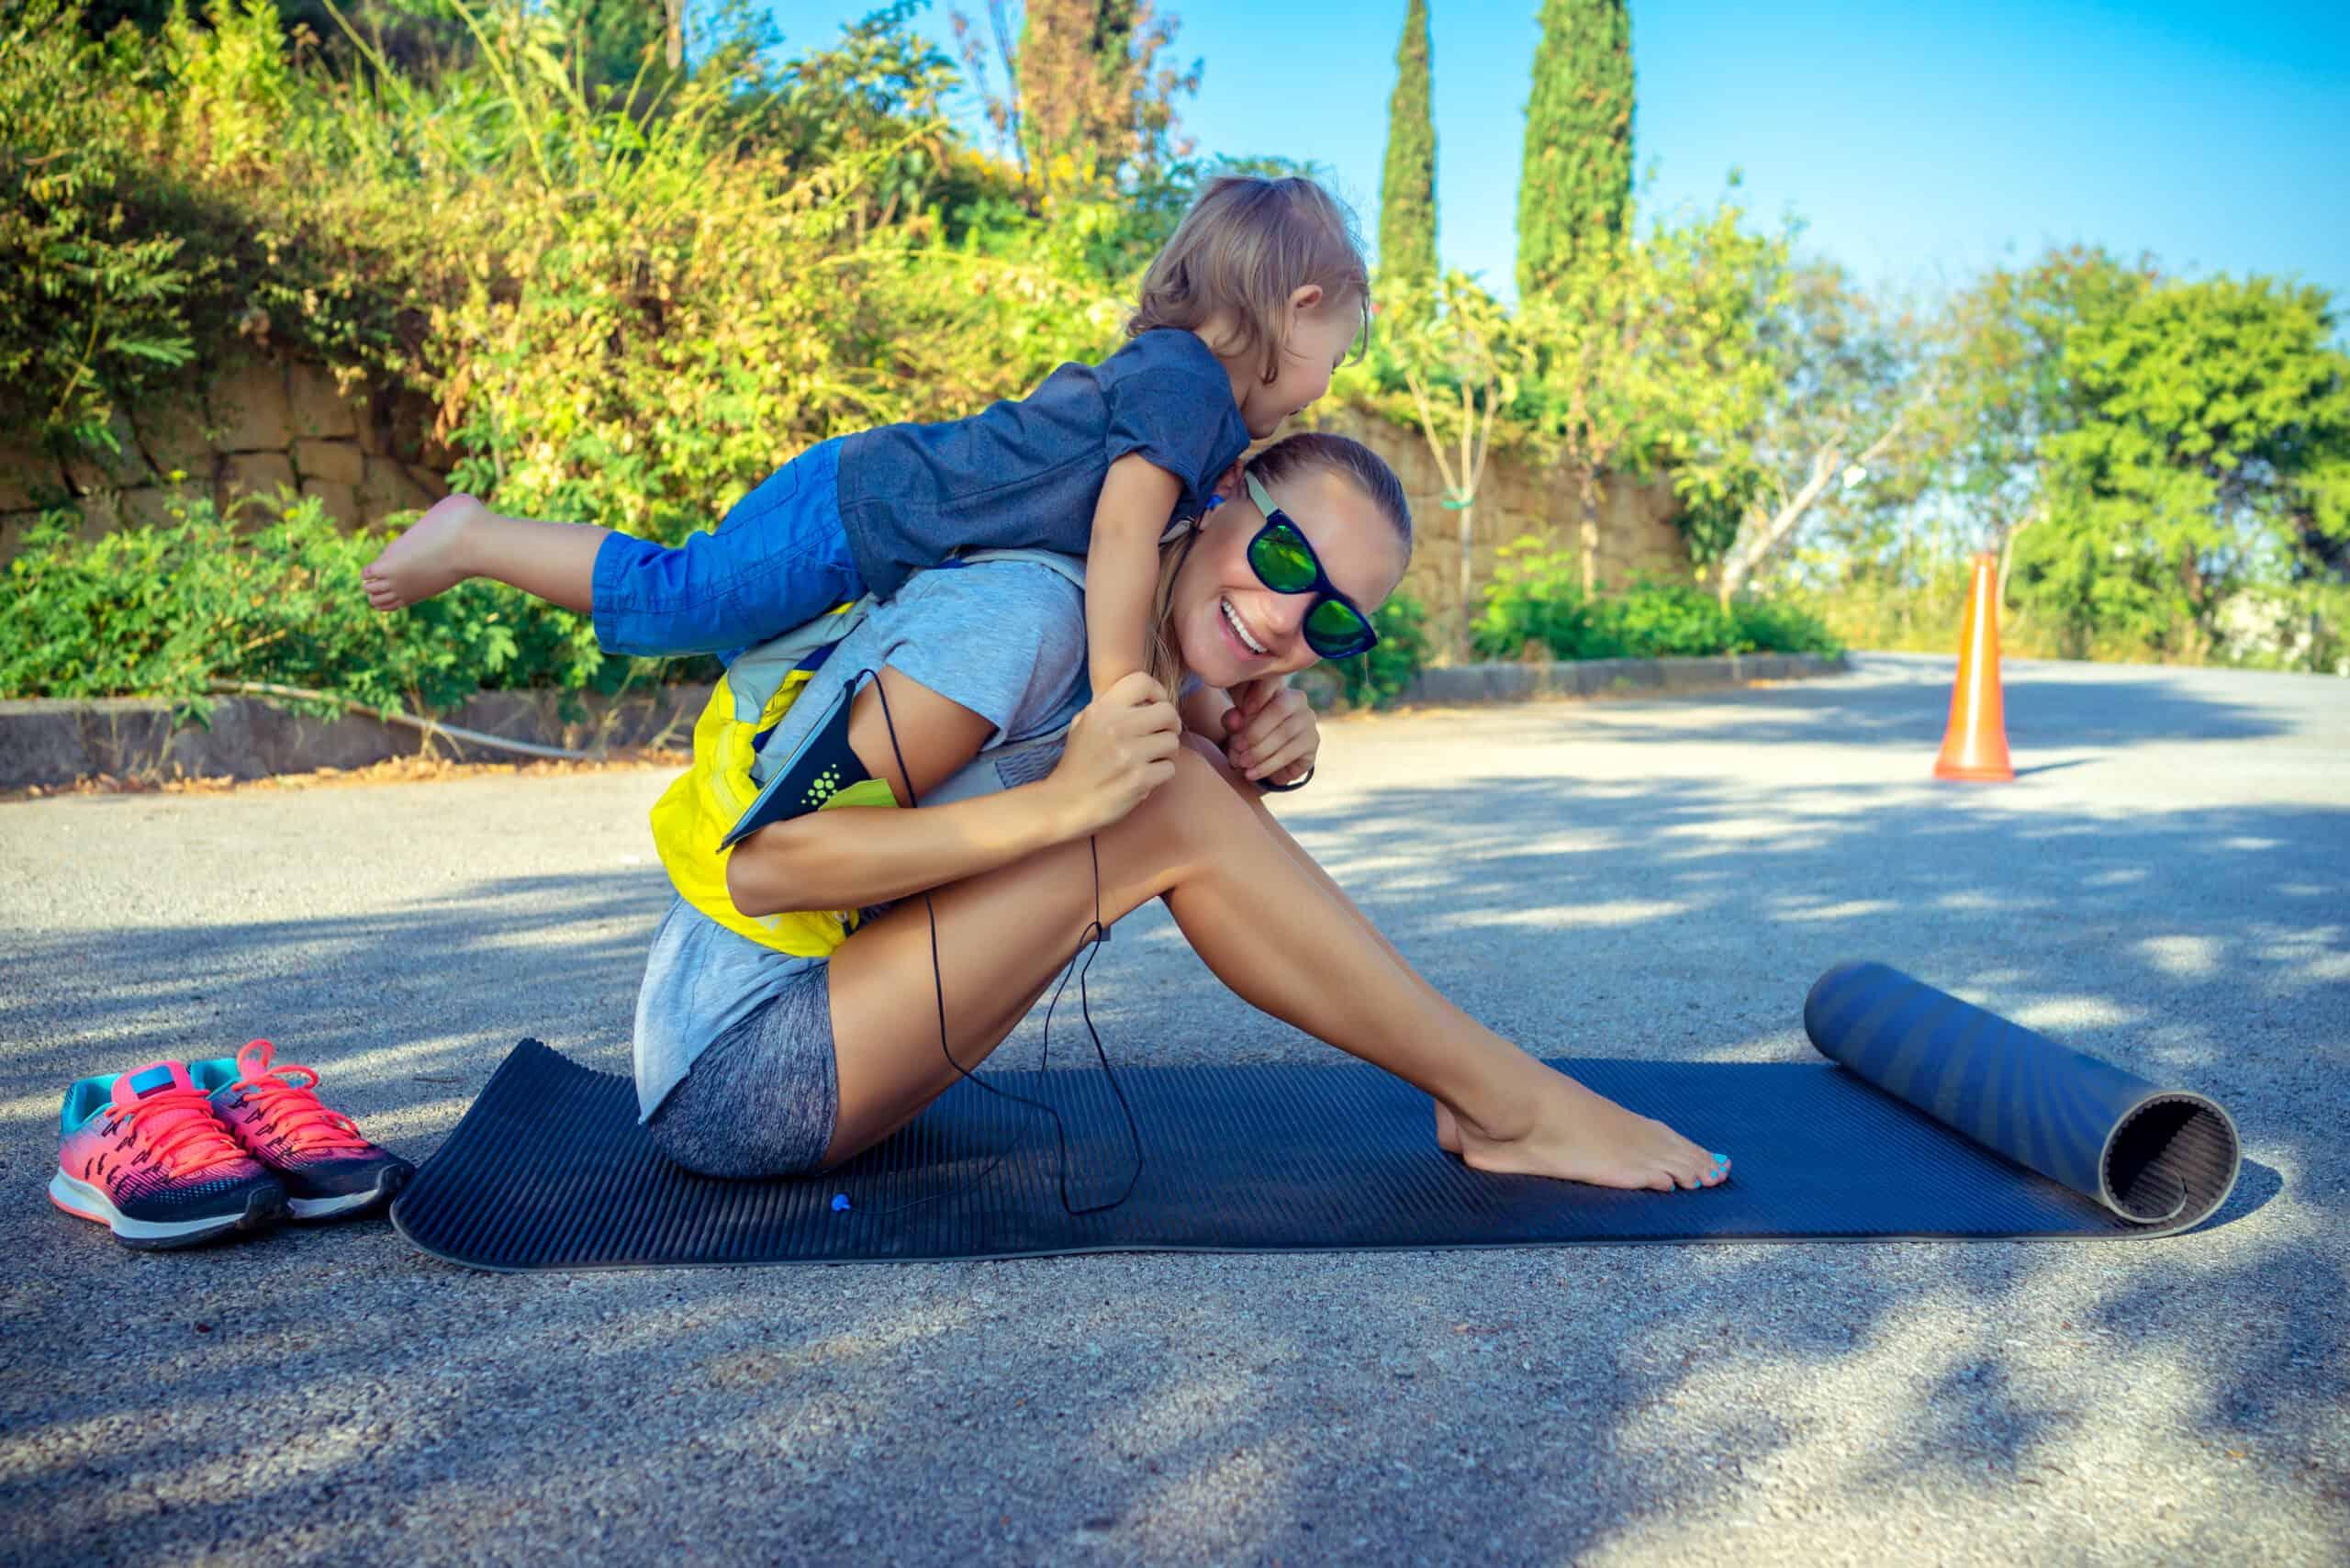 Sport e attività fisica: le buone ragioni per iniziare fin da bambini!